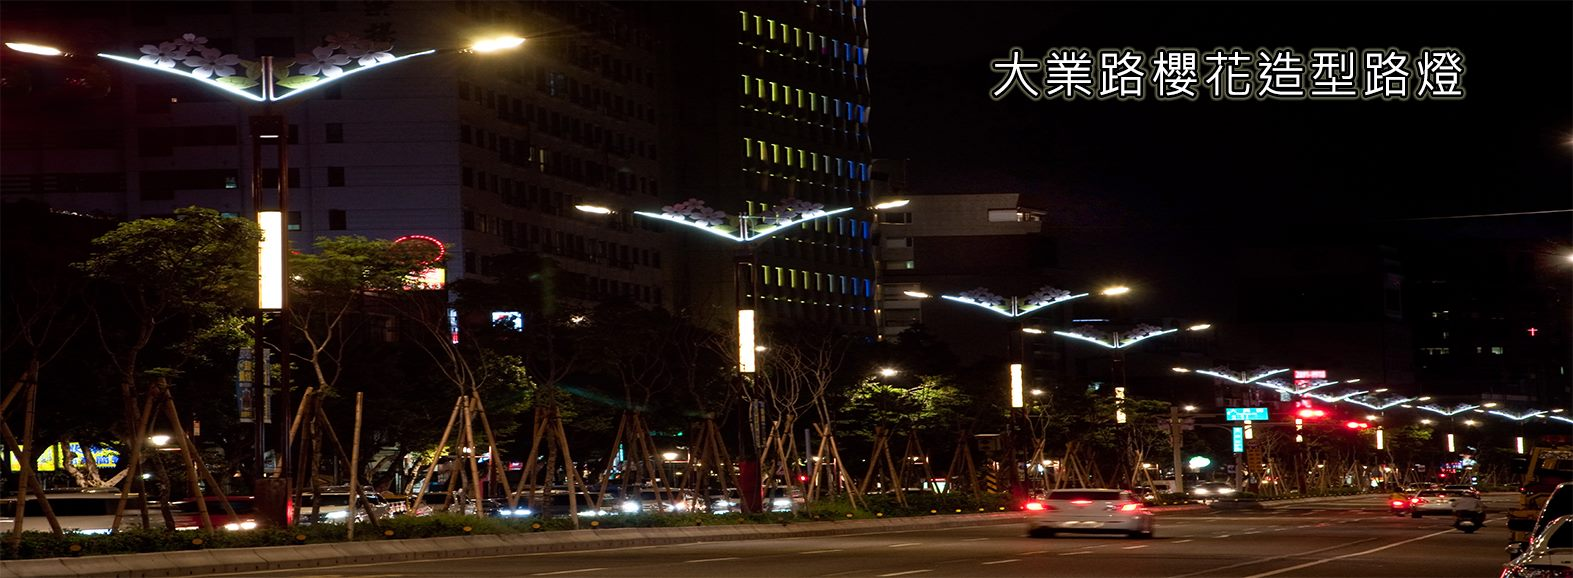 大業路櫻花造型路燈